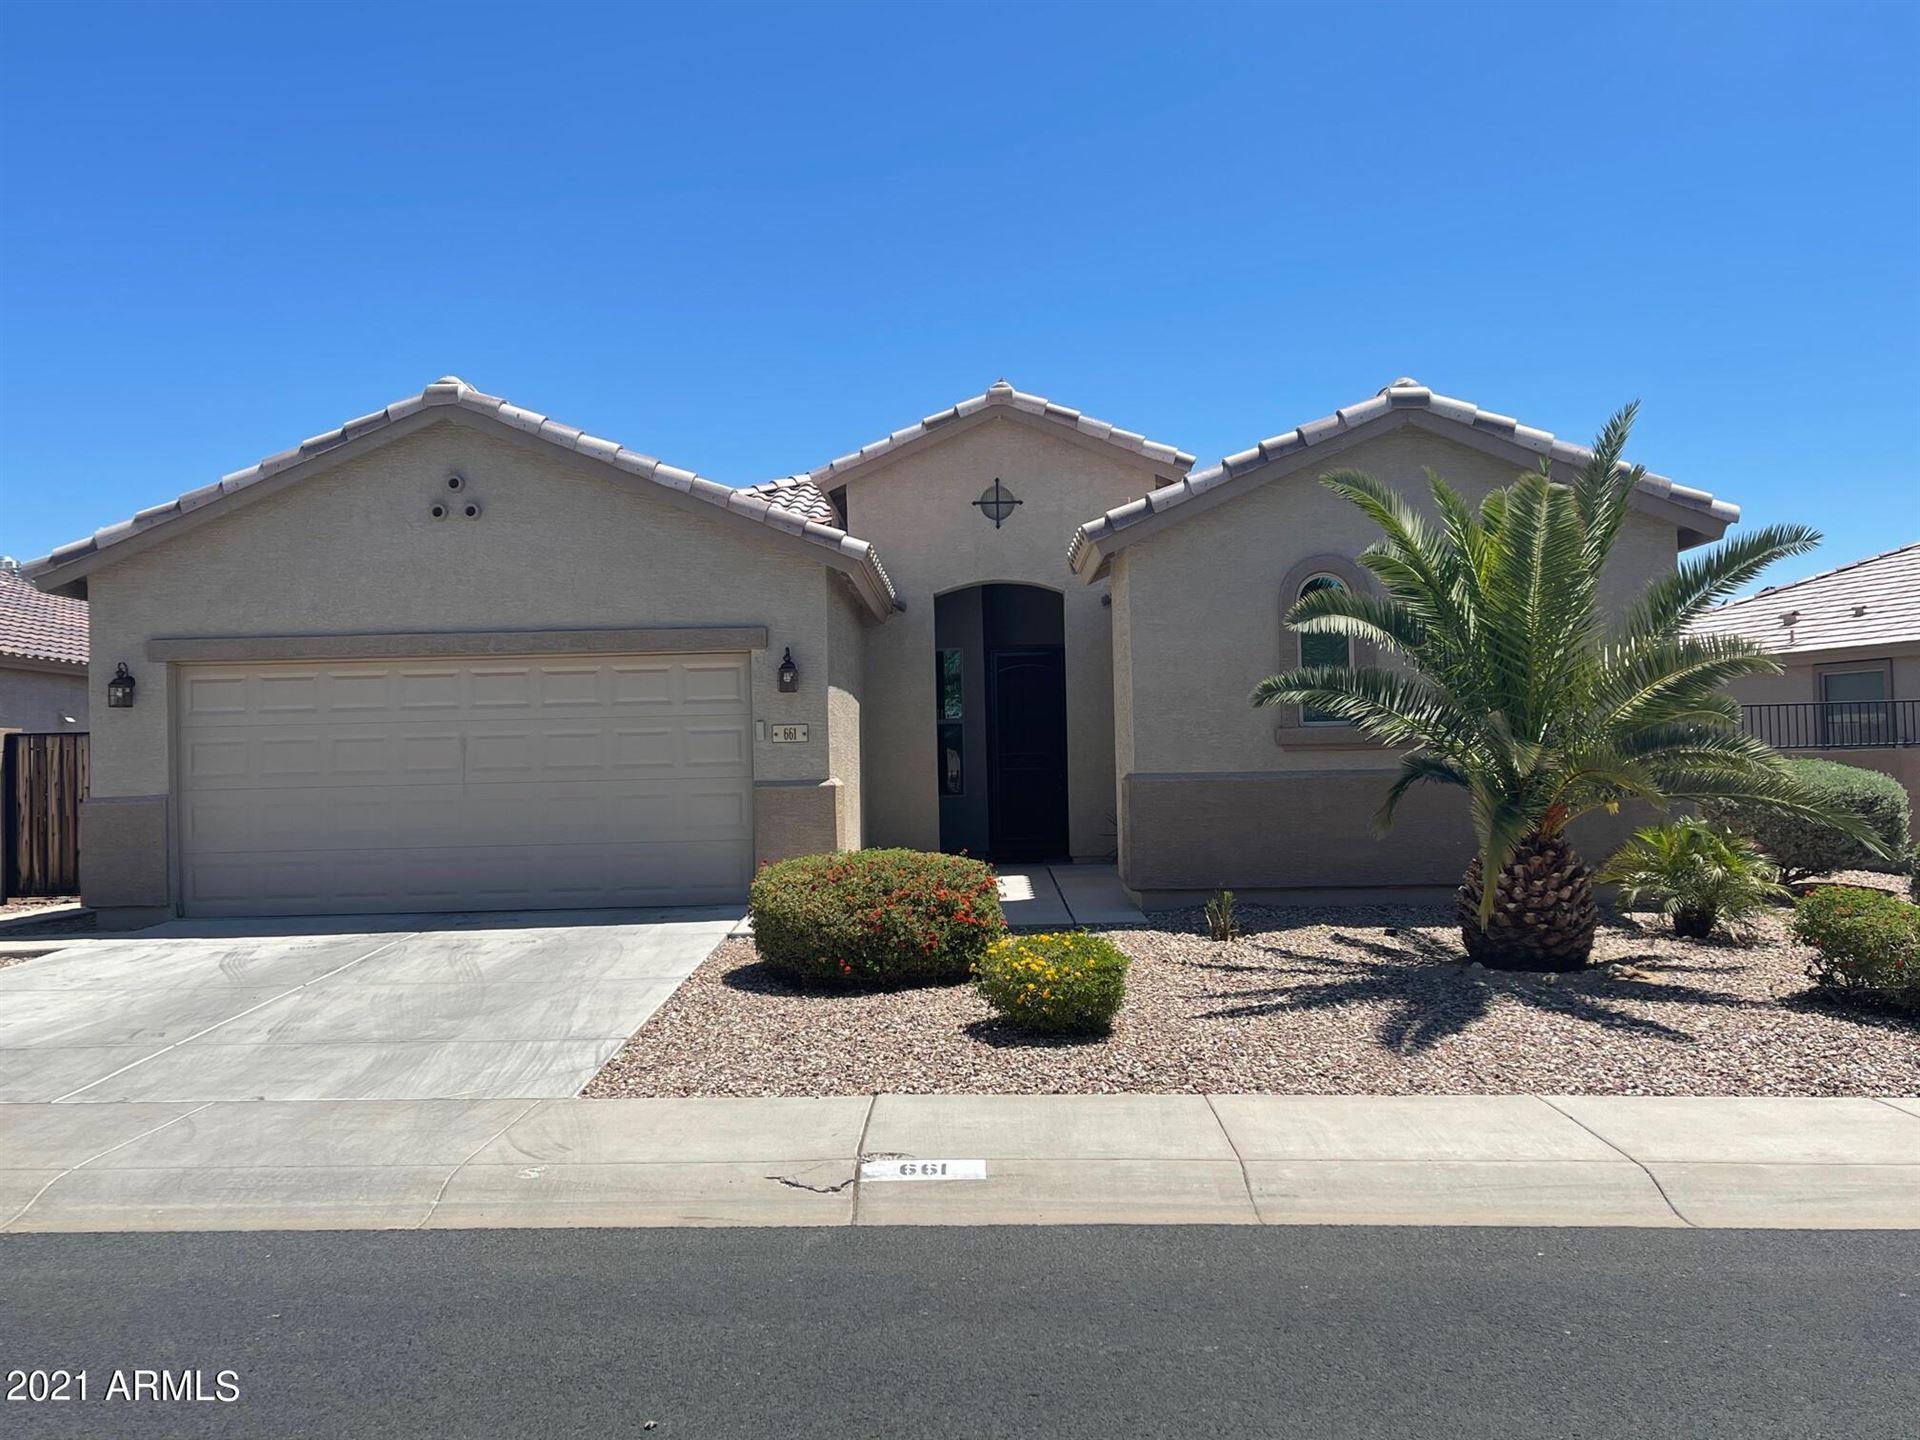 661 S 226TH Drive, Buckeye, AZ 85326 - MLS#: 6228795